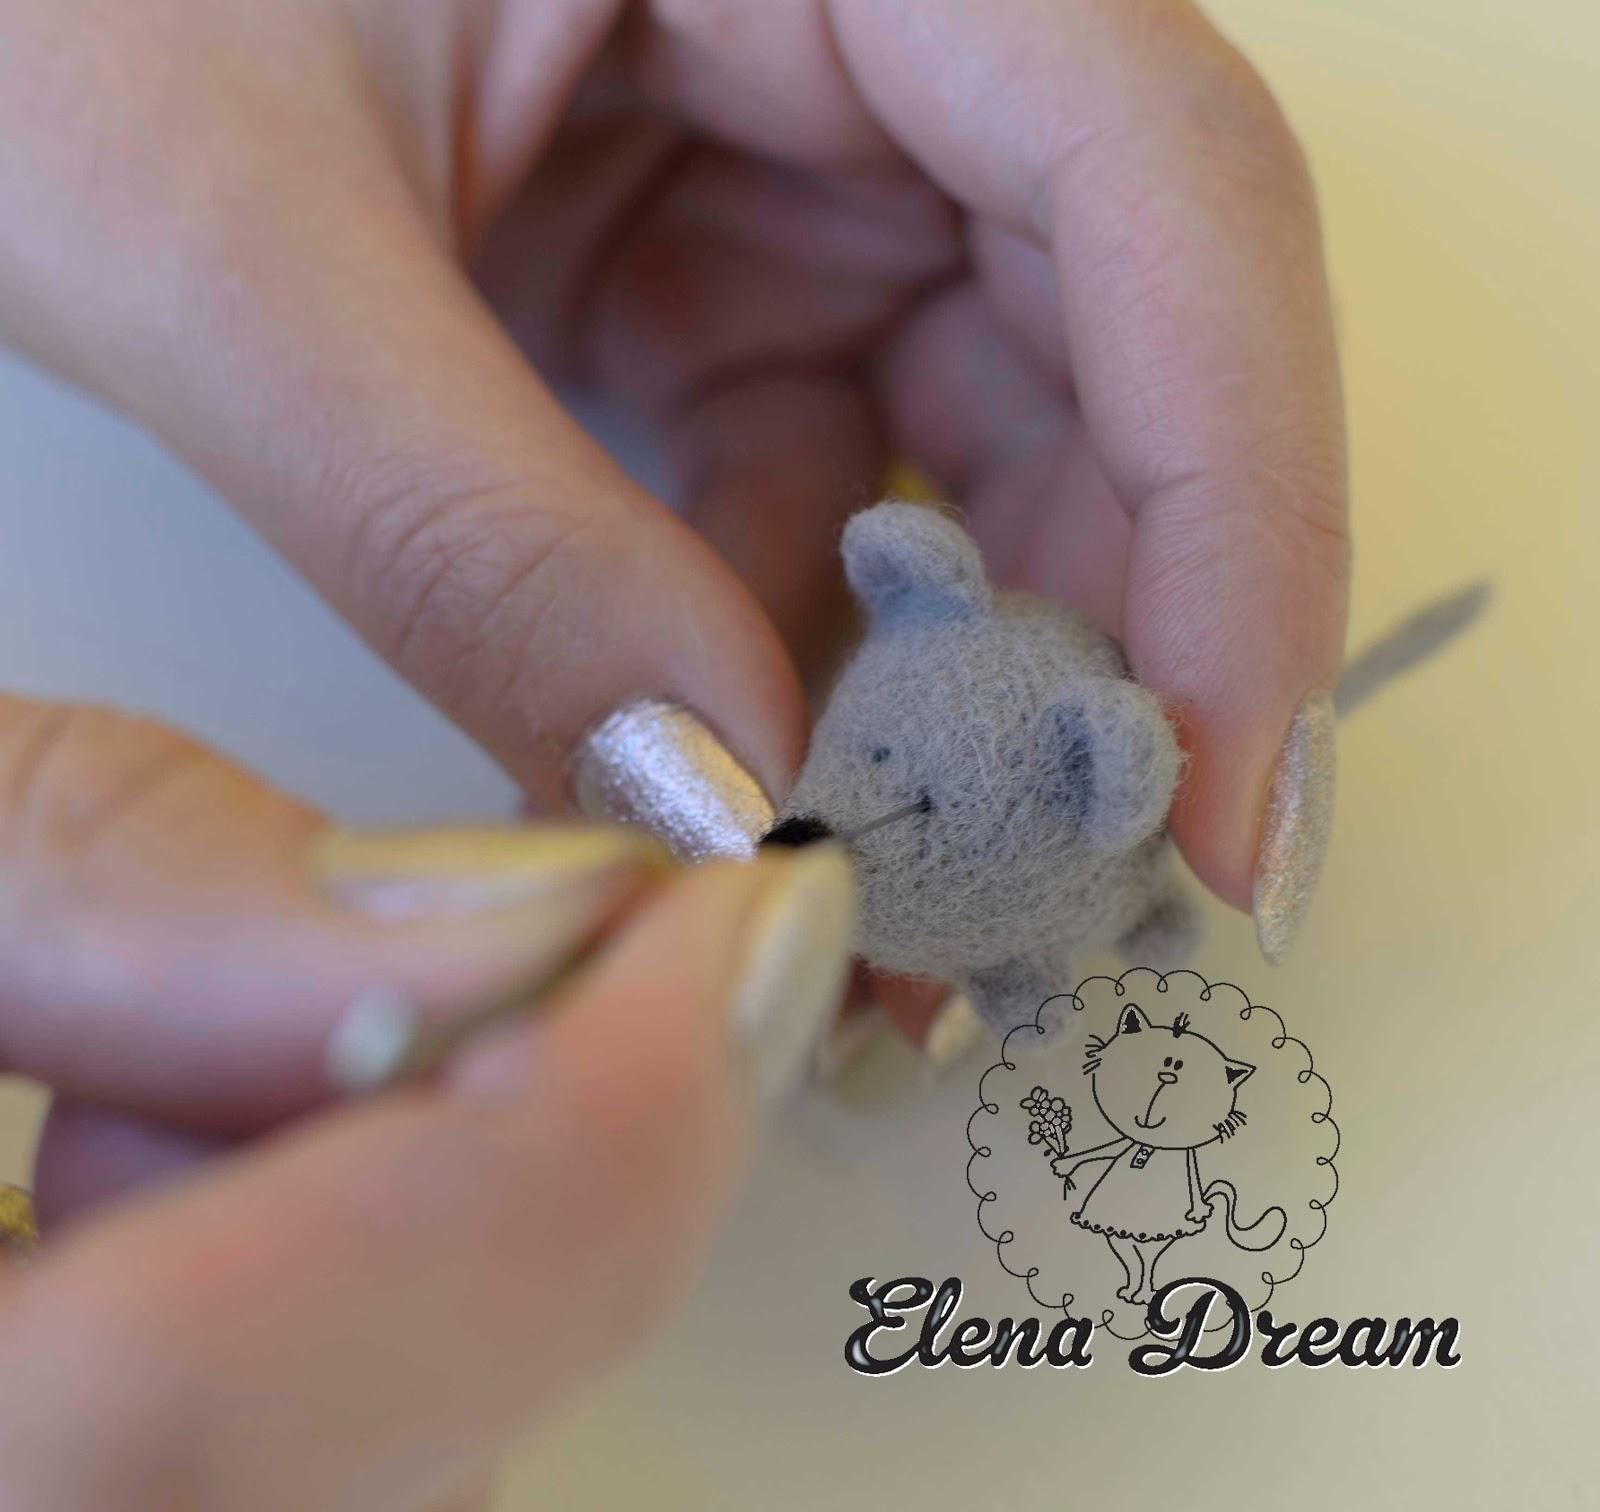 Как сделать мышку из бумаги - шаблон и пошаговый мастер-класс с фото 67